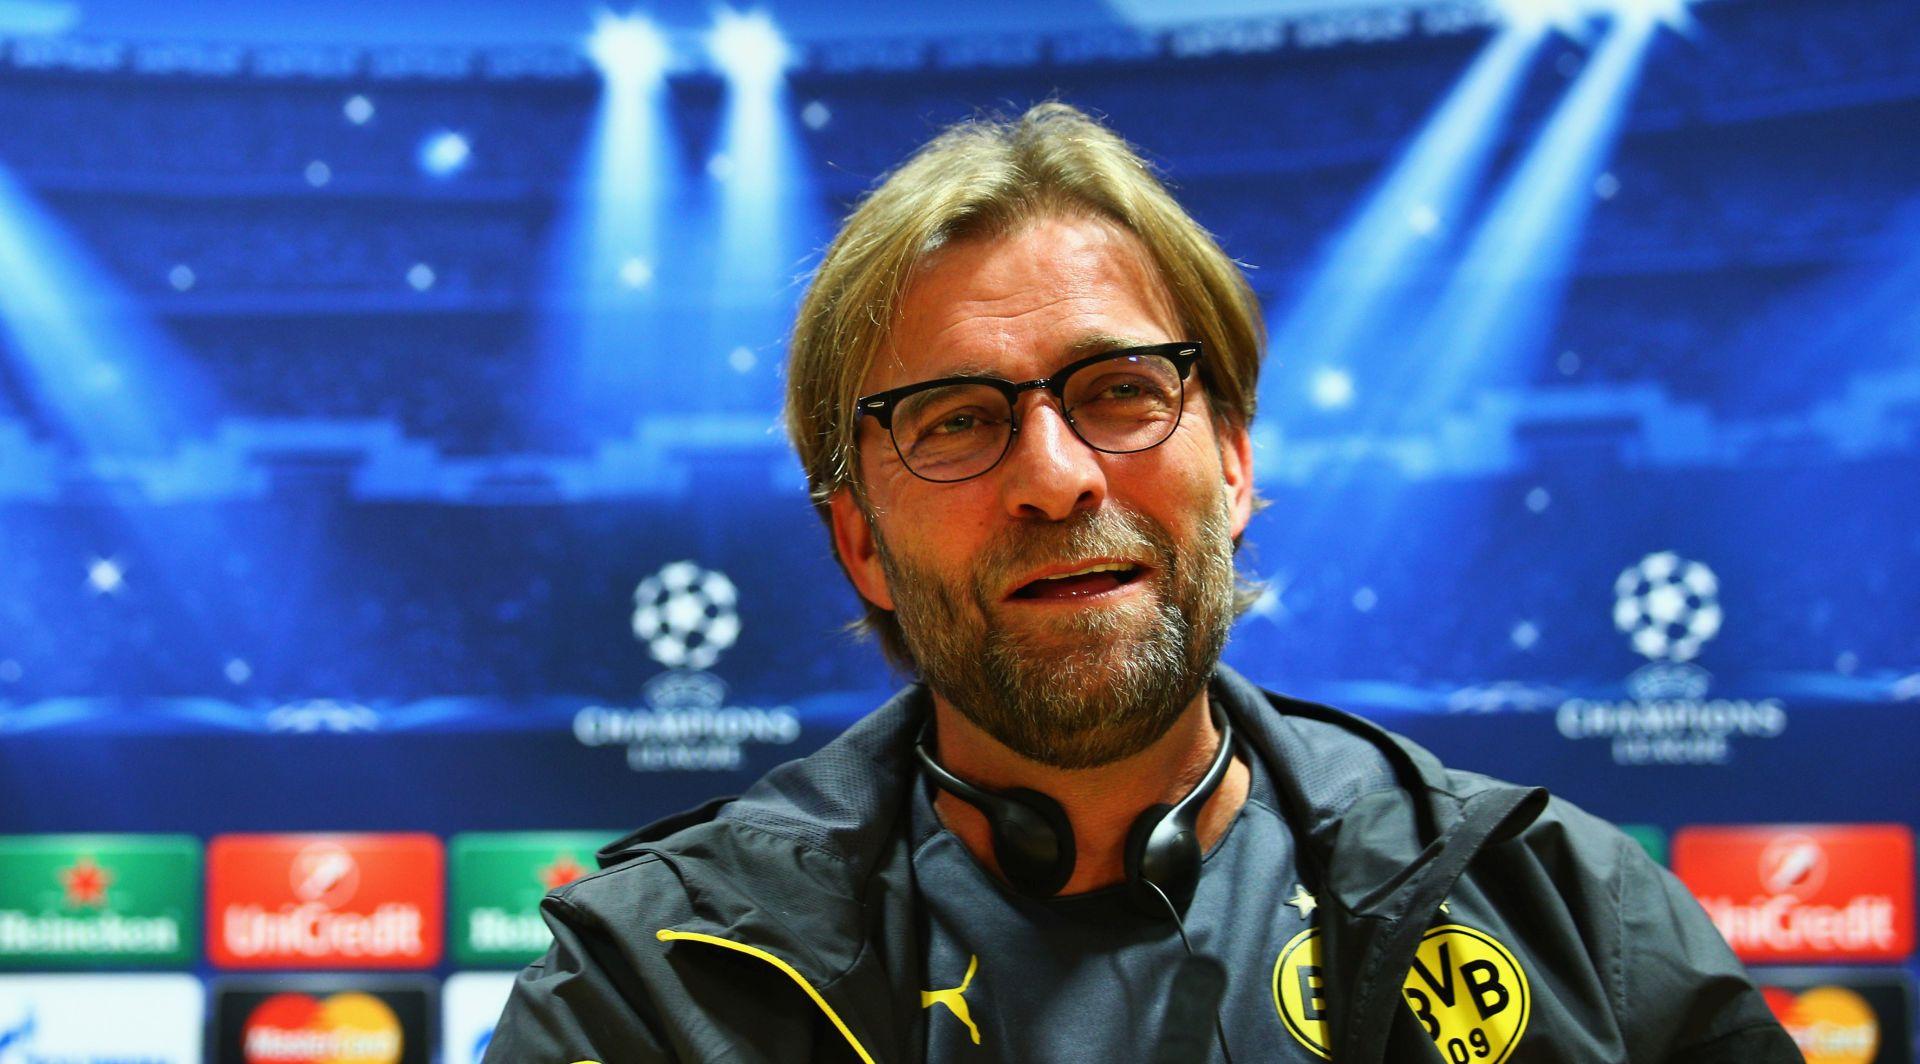 Jürgen Klopp novi trener Liverpoola, potpisuje trogodišnji ugovor